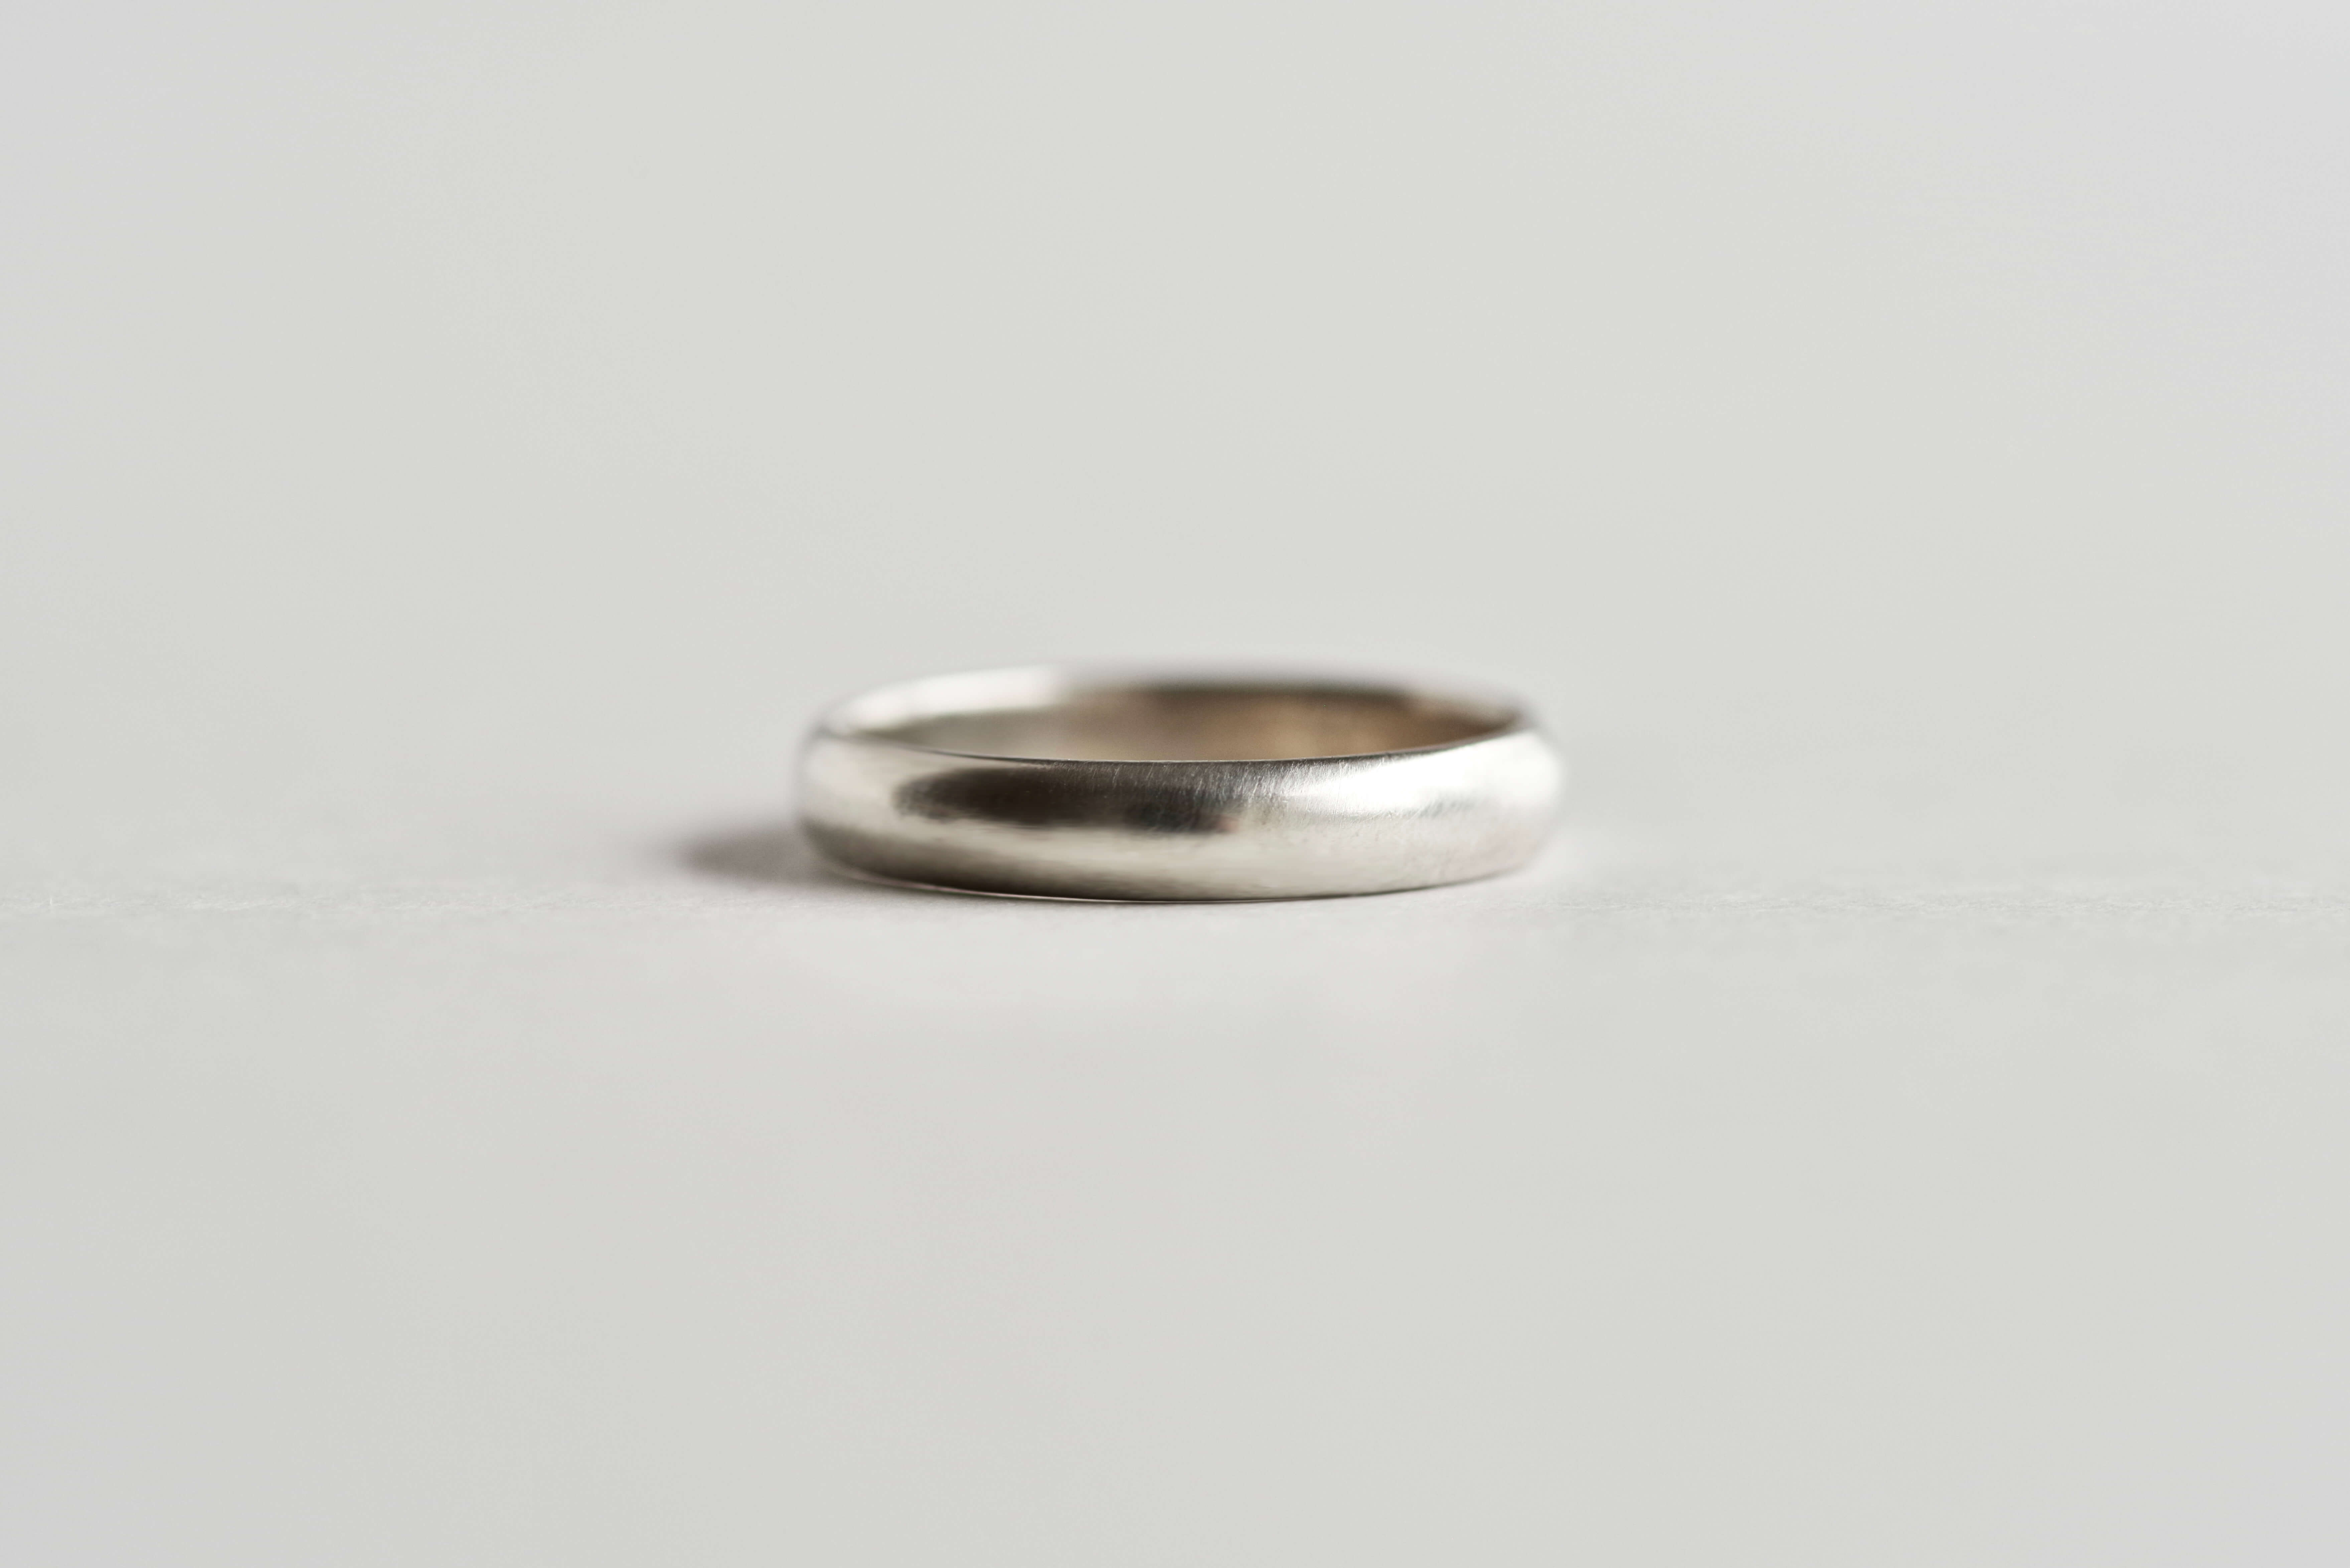 シンプル 結婚指輪 比較 甲丸 平打ち 平甲丸 指馴染み